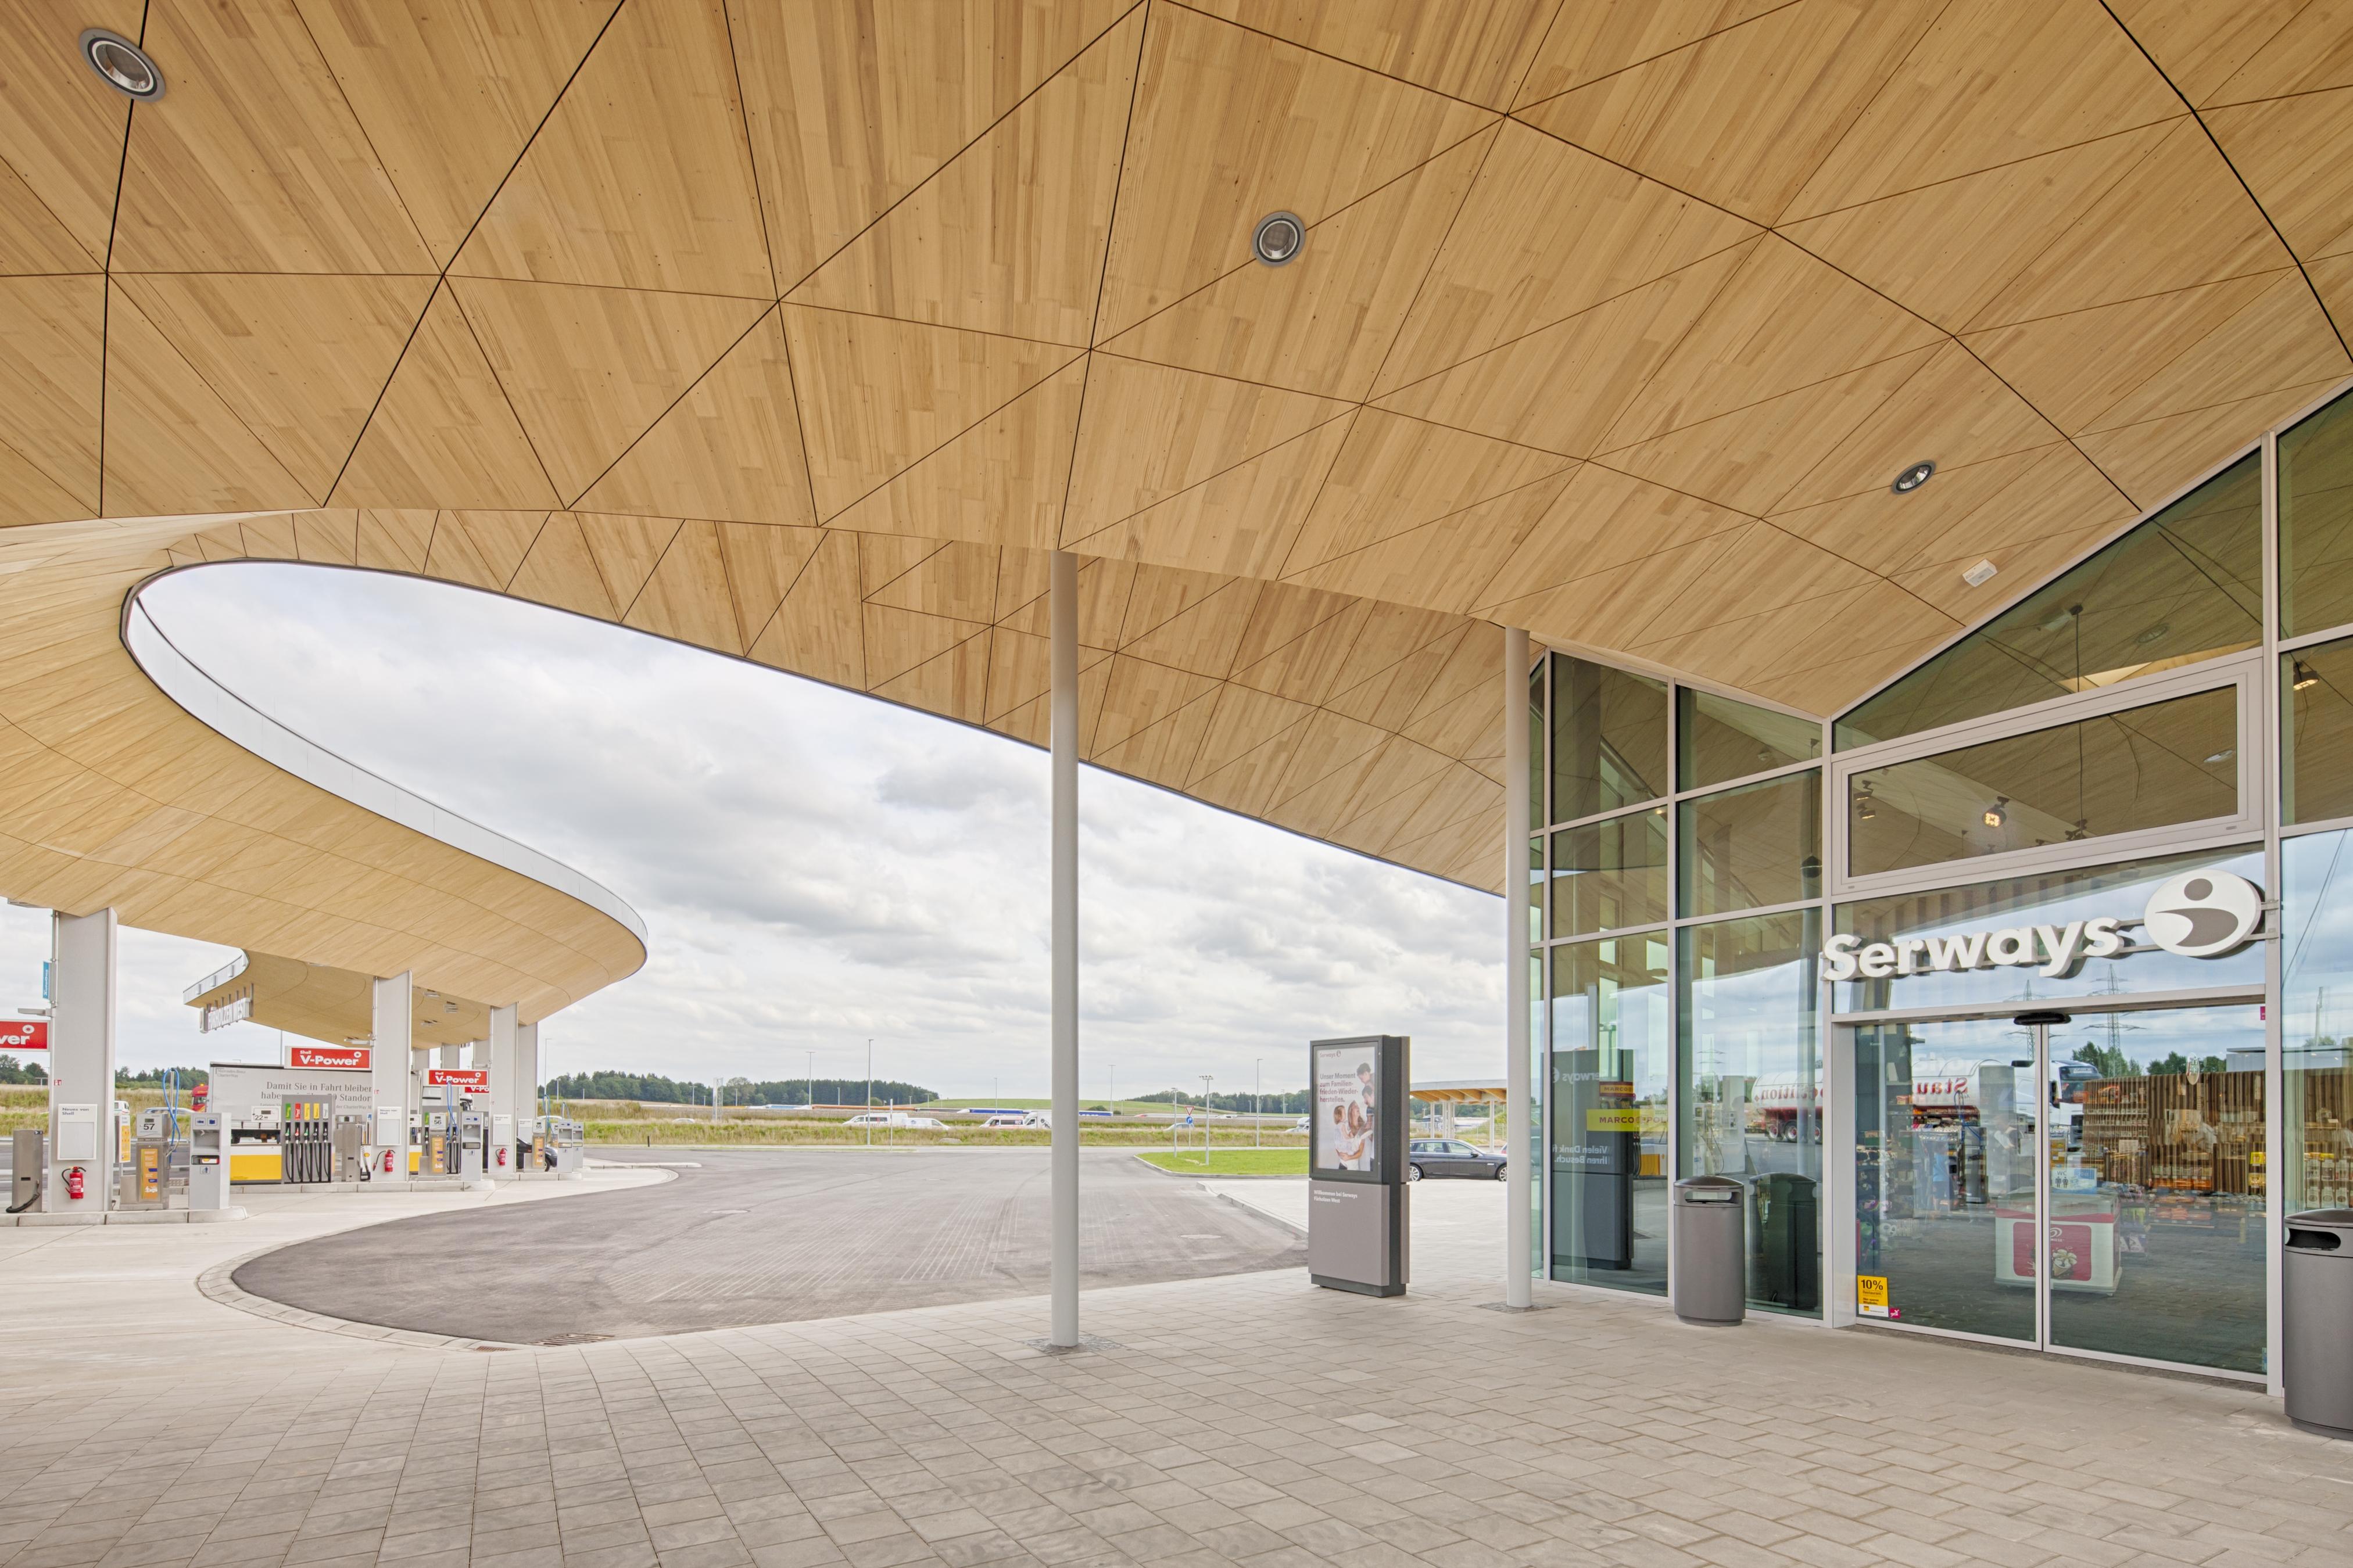 Die moderne Architektur der Fürholzener Tankstelle